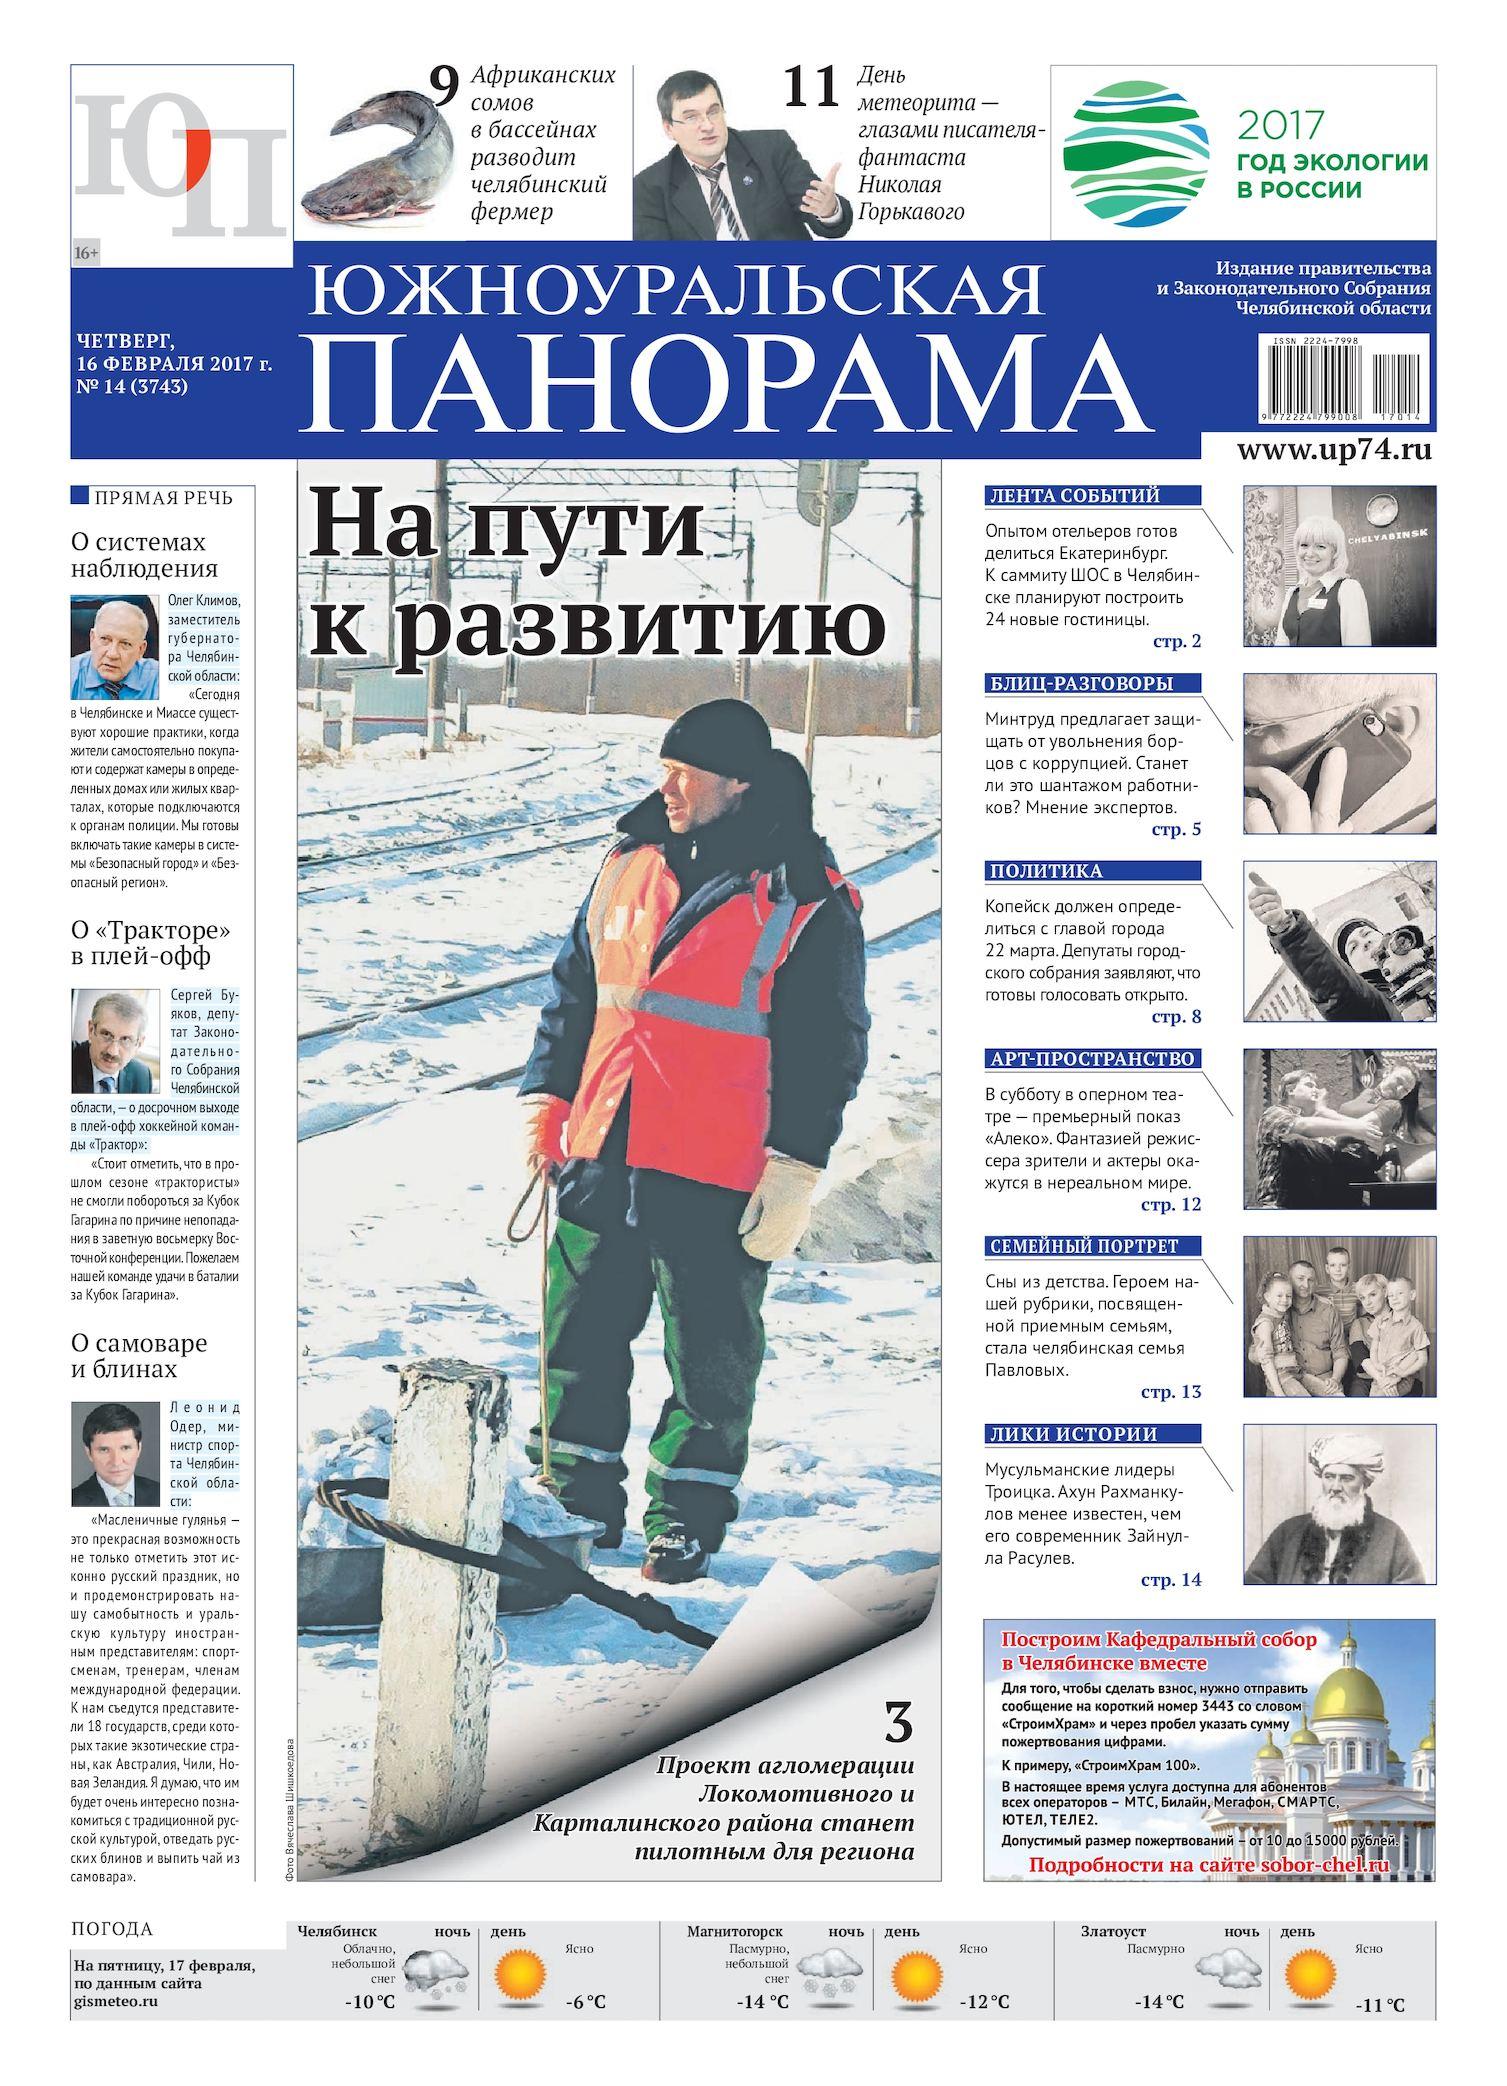 гисметео карталы челябинская область на неделю займи просто заявка онлайн